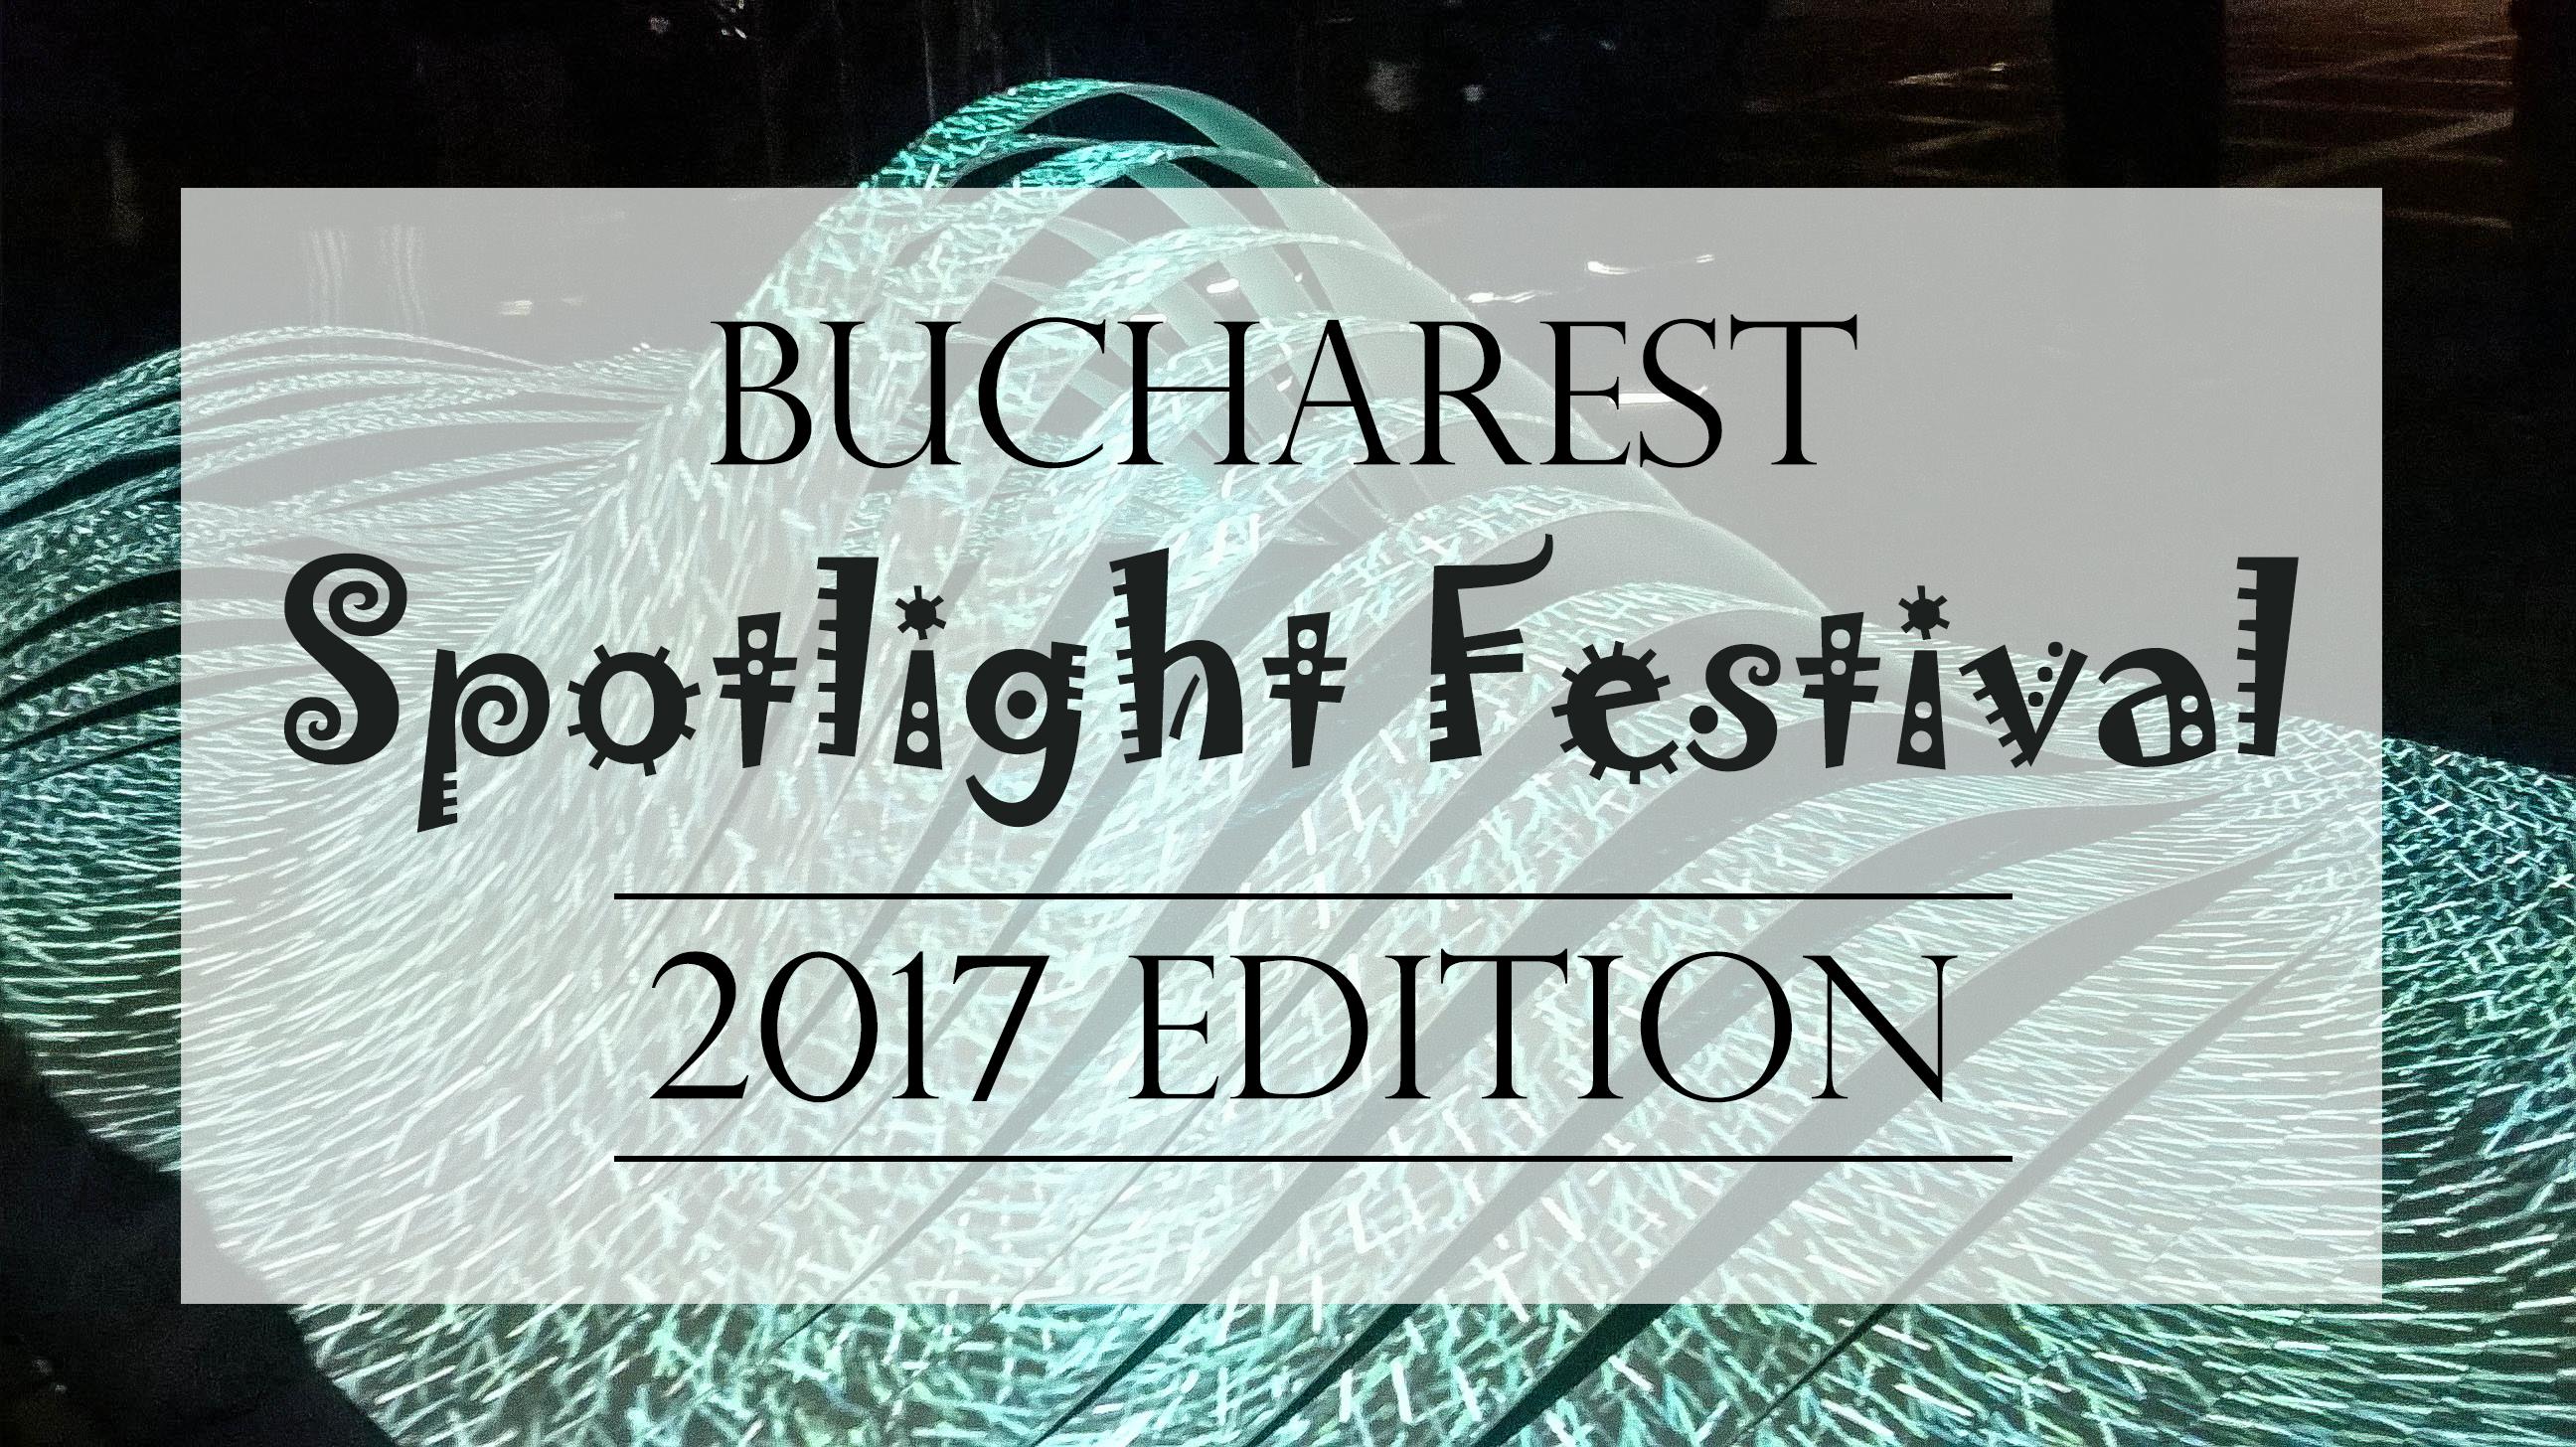 Highlights of Bucharest Spotlight Festival 2017